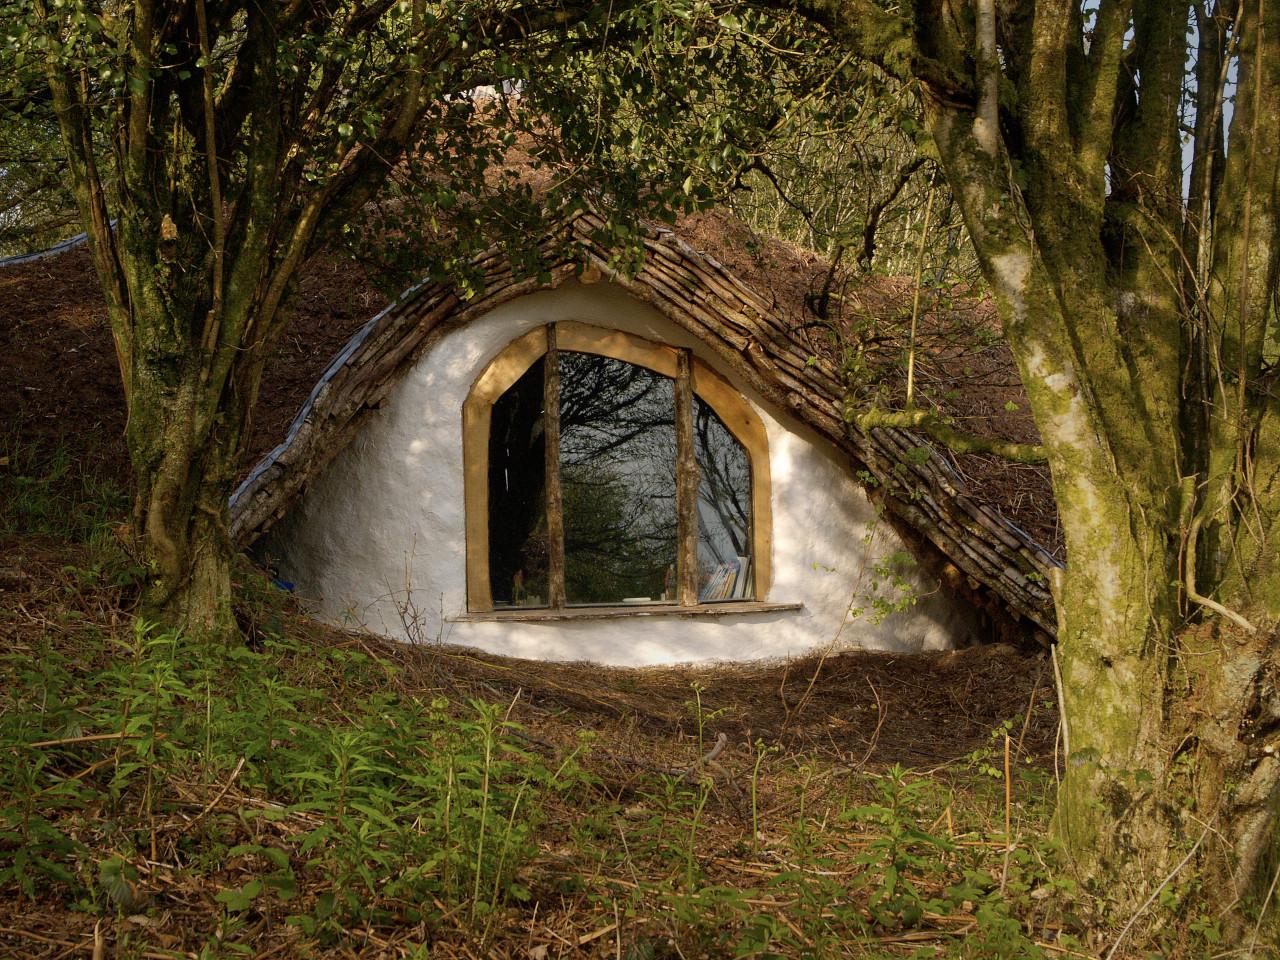 Window of Hobbit Home